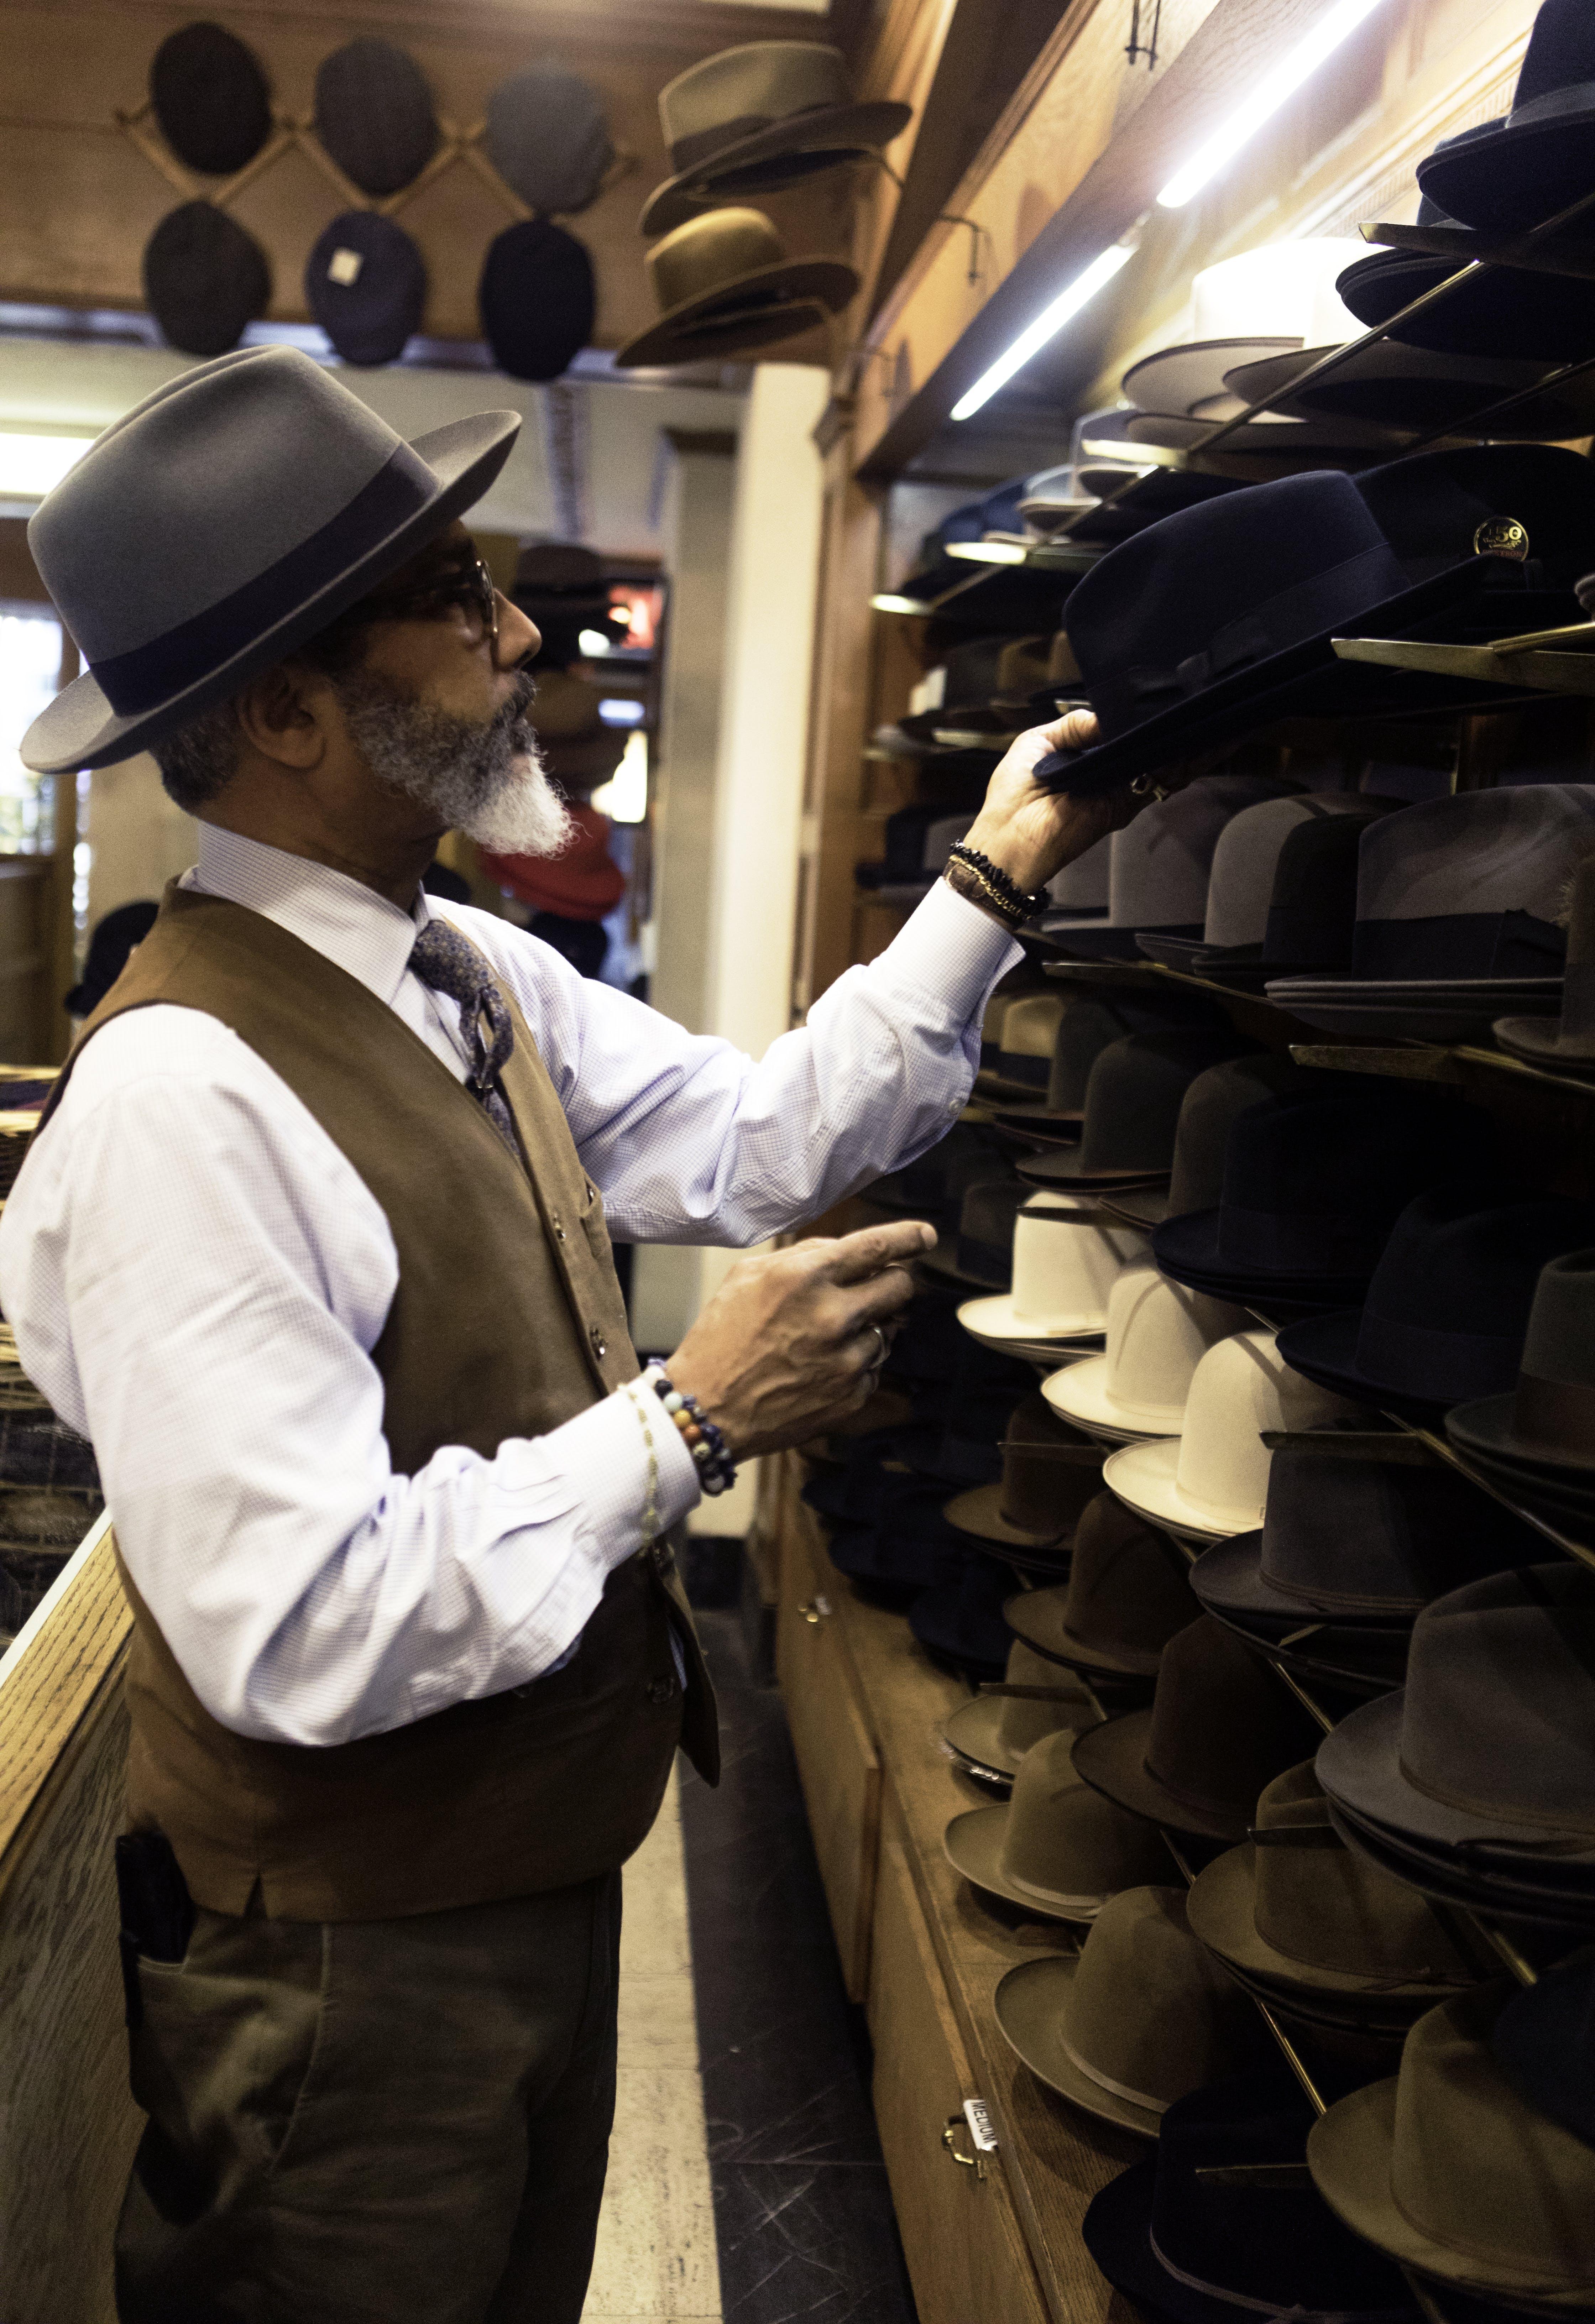 Man Picking Hats in Rack